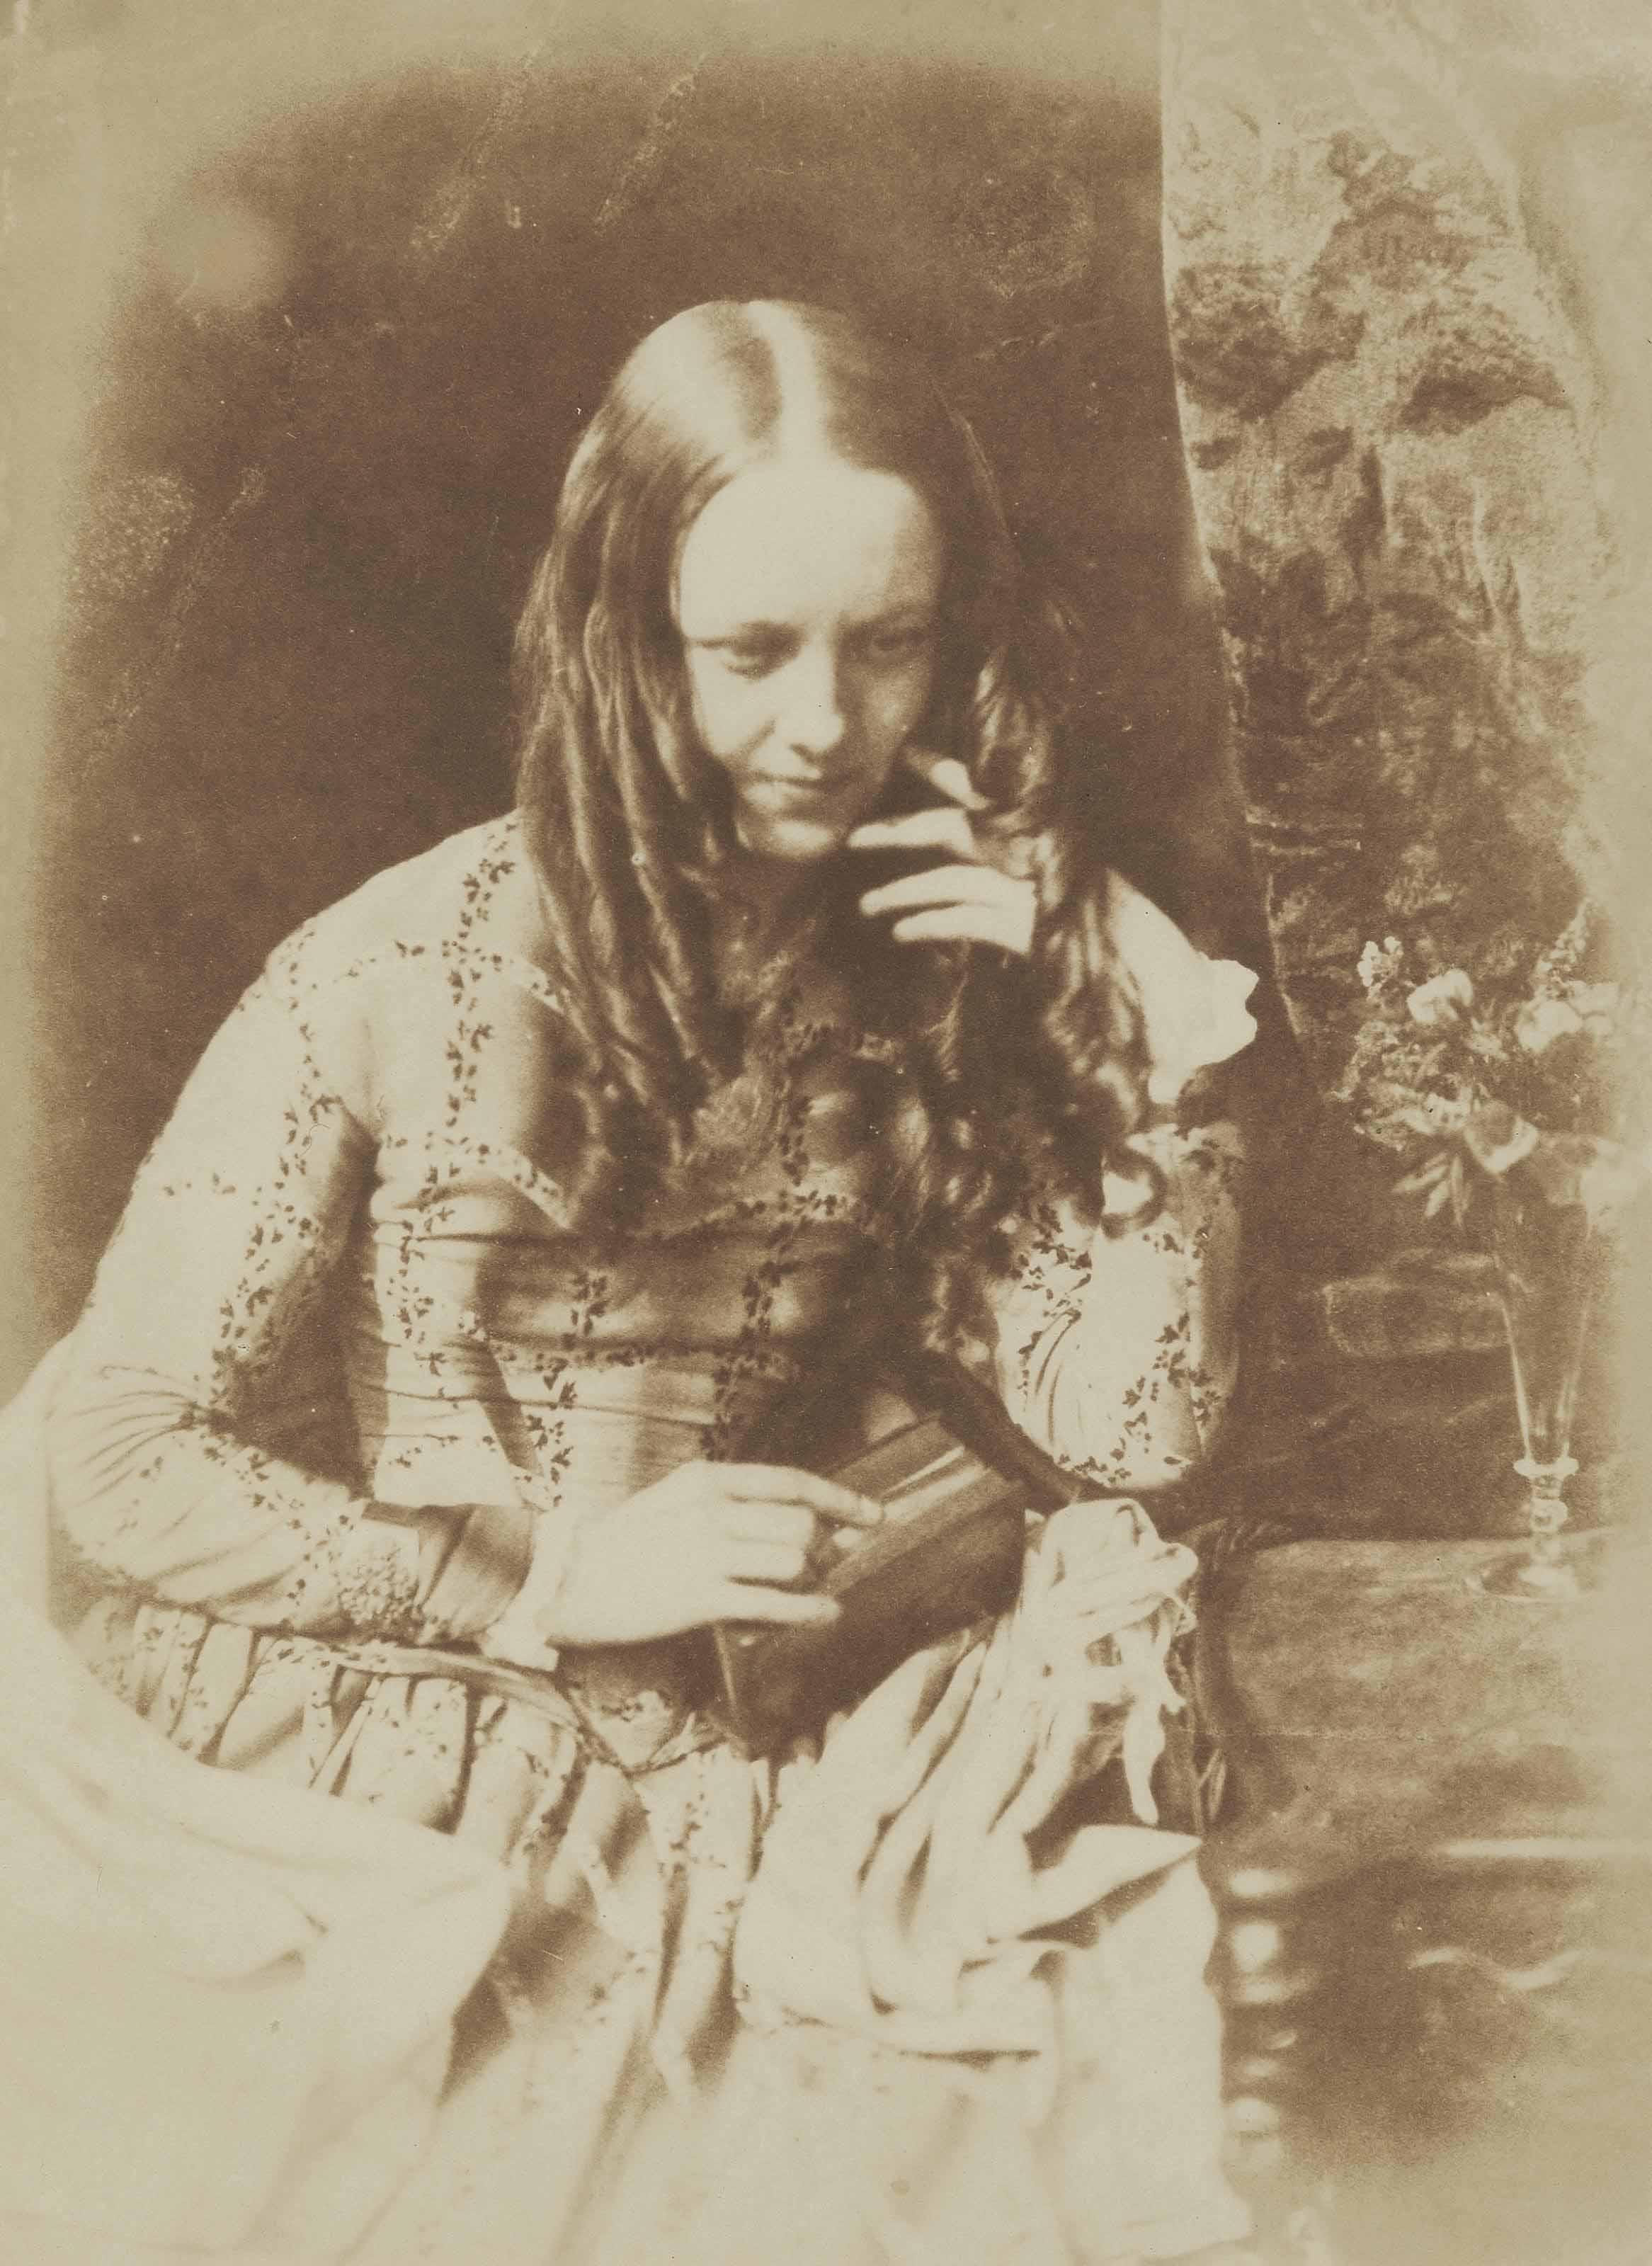 Miss Munro, daughter of Sheriff Munro, c. 1845